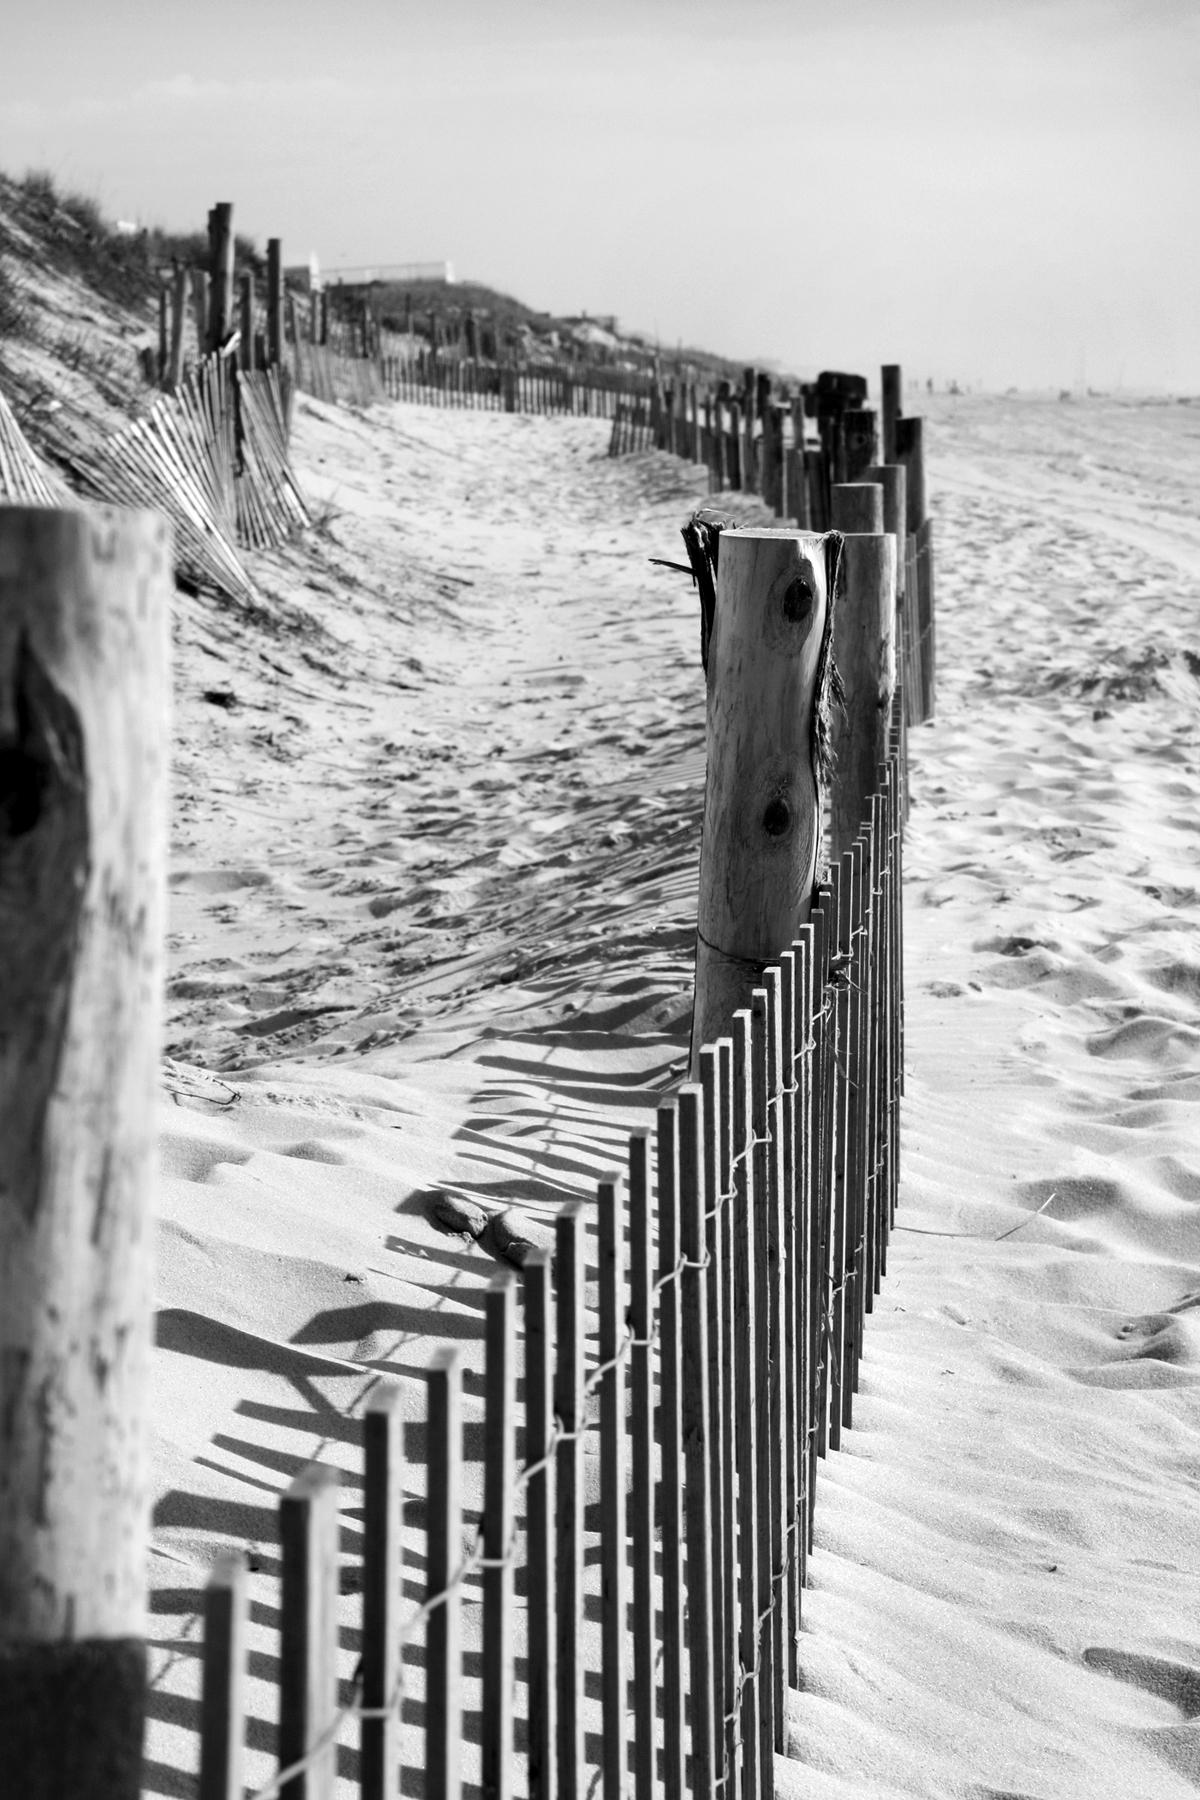 beachfencelr-be05